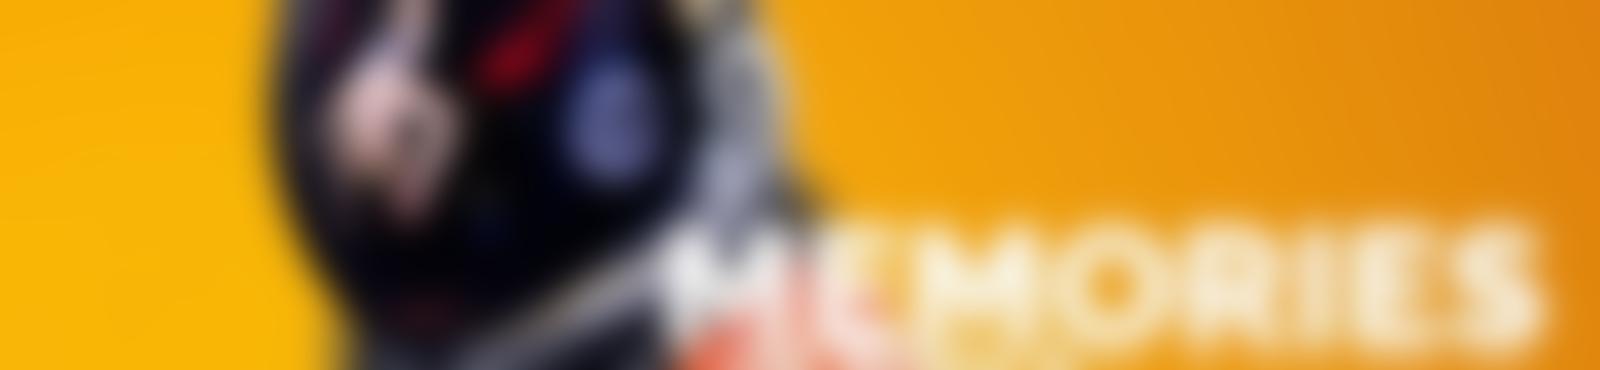 Blurred 6cedf86b 0f6e 4e54 b2ec 12104d48c449